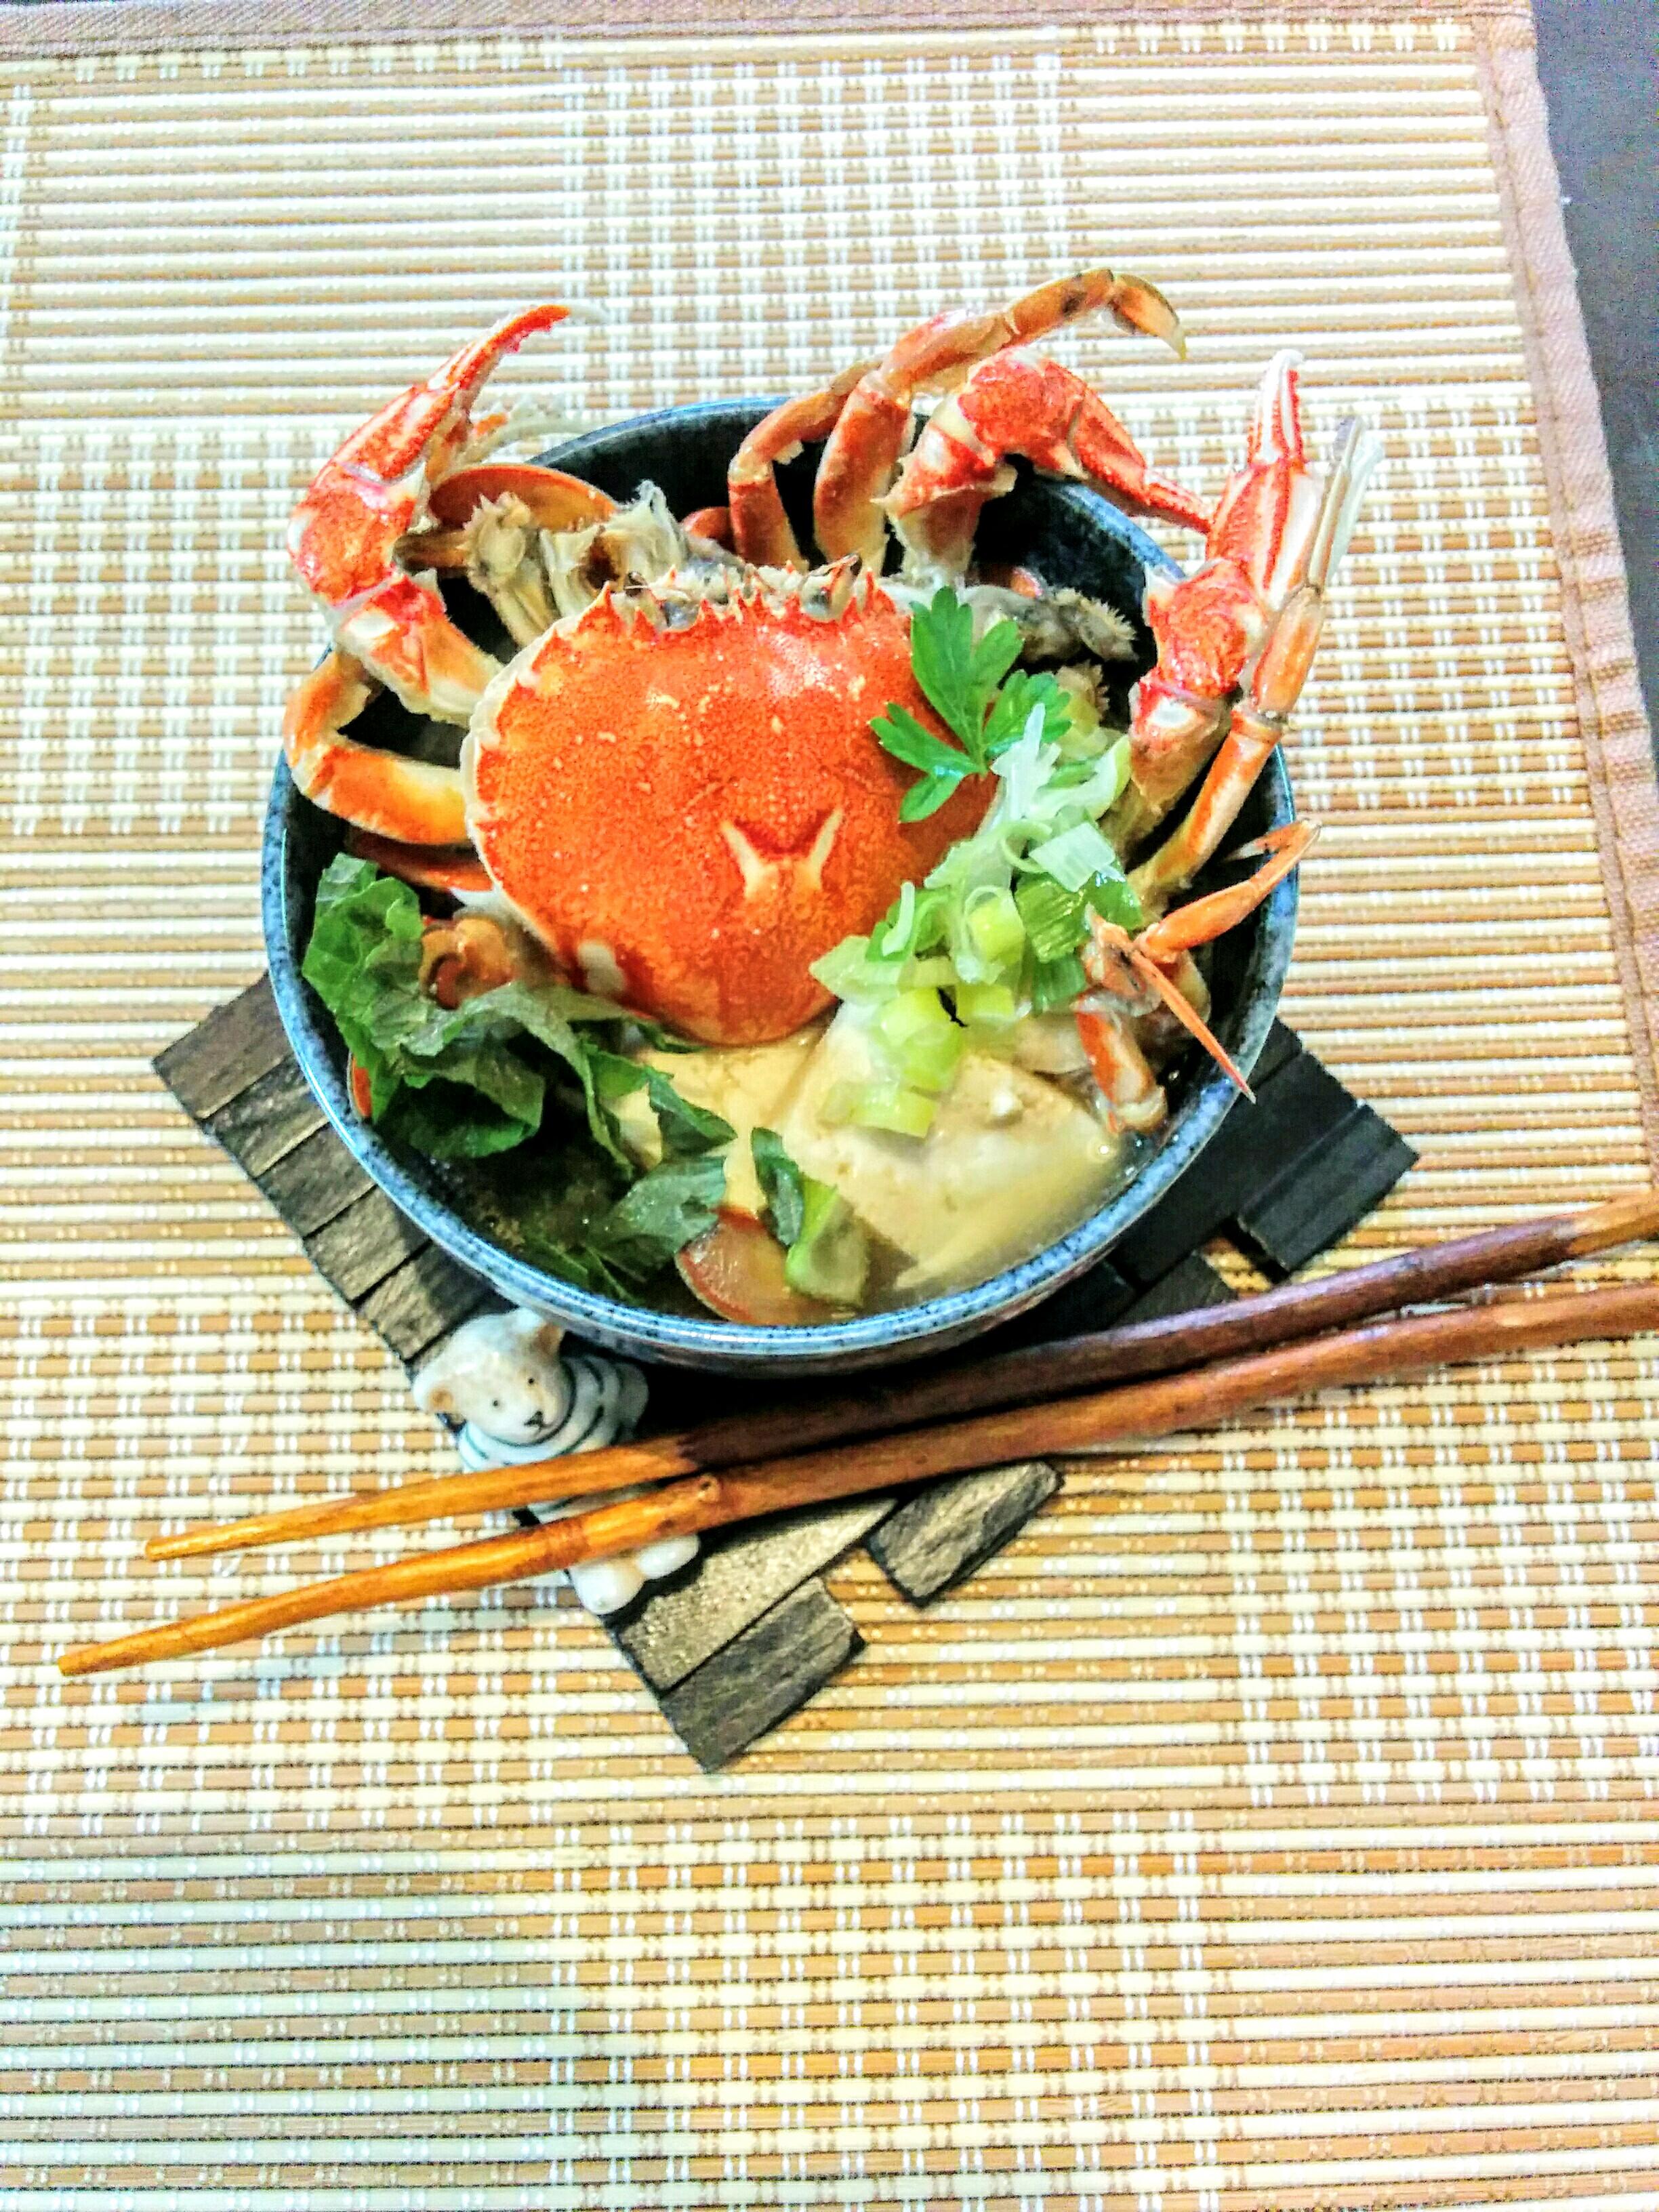 【小樽】お家御飯・ヘラガニの味噌汁グルメ案内です。